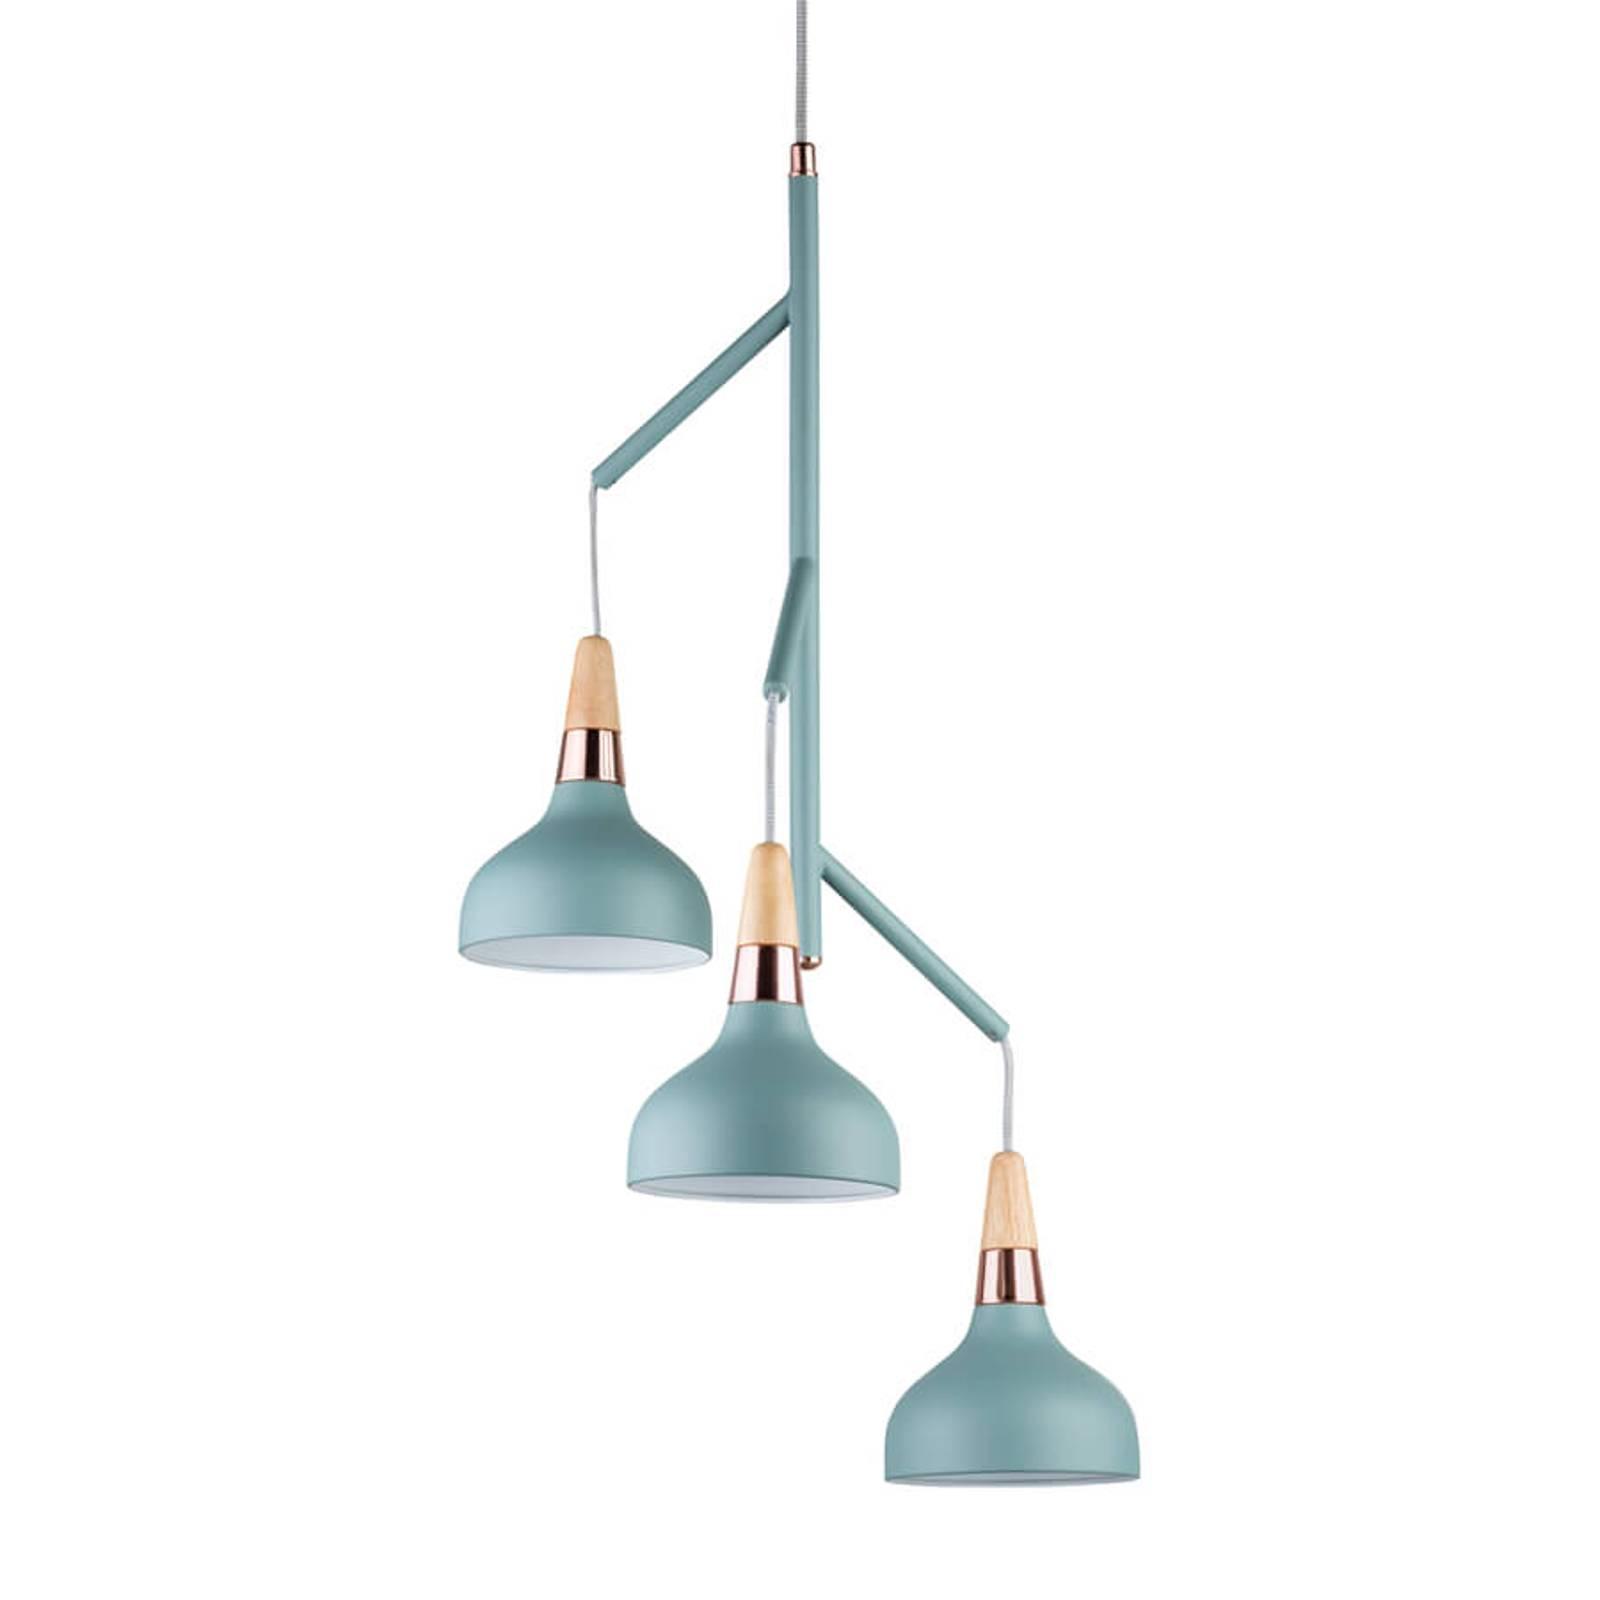 Paulmann Juna -riippuvalaisin, 3-lamppuinen